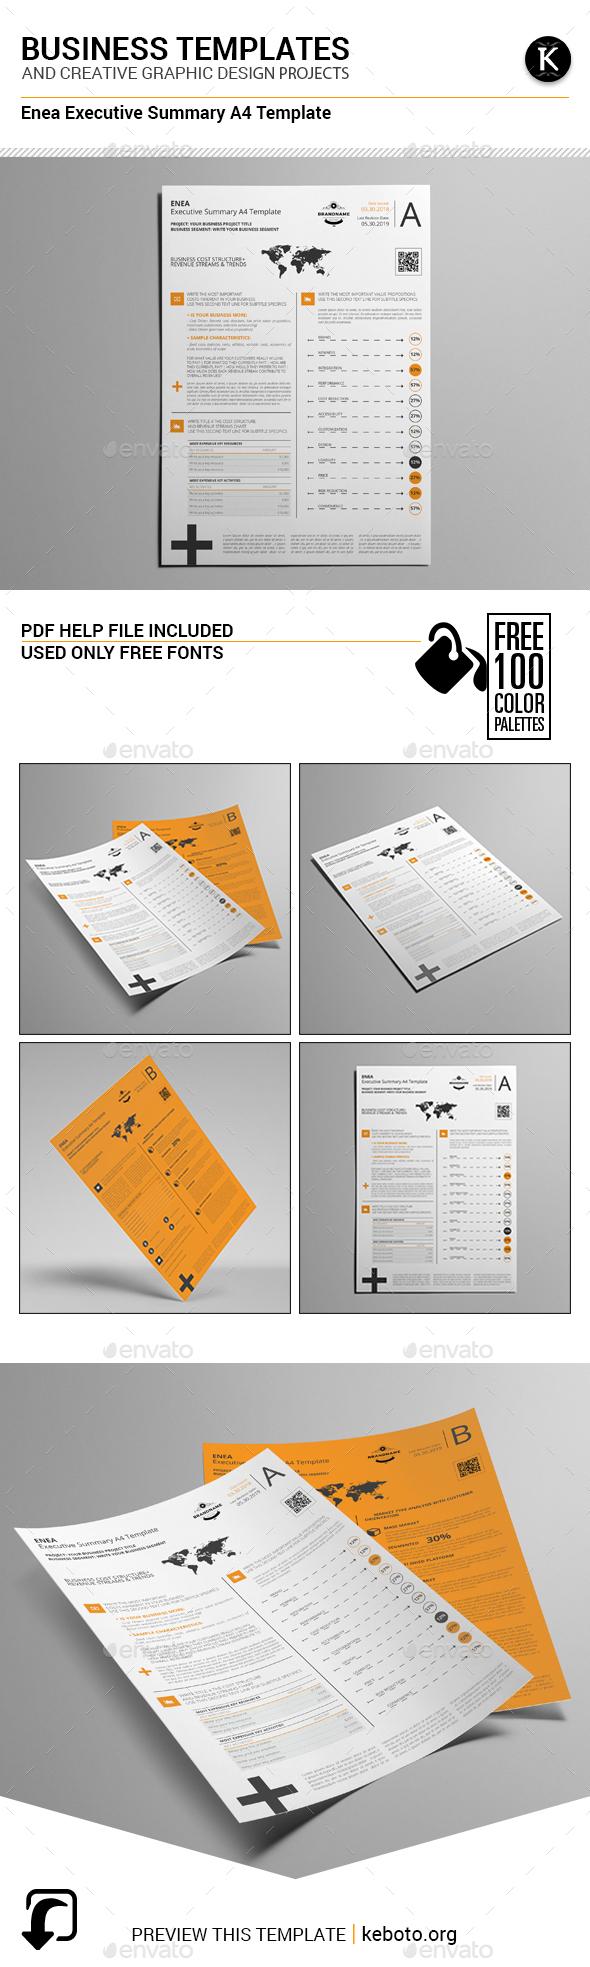 Enea Executive Summary A4 Template - Miscellaneous Print Templates